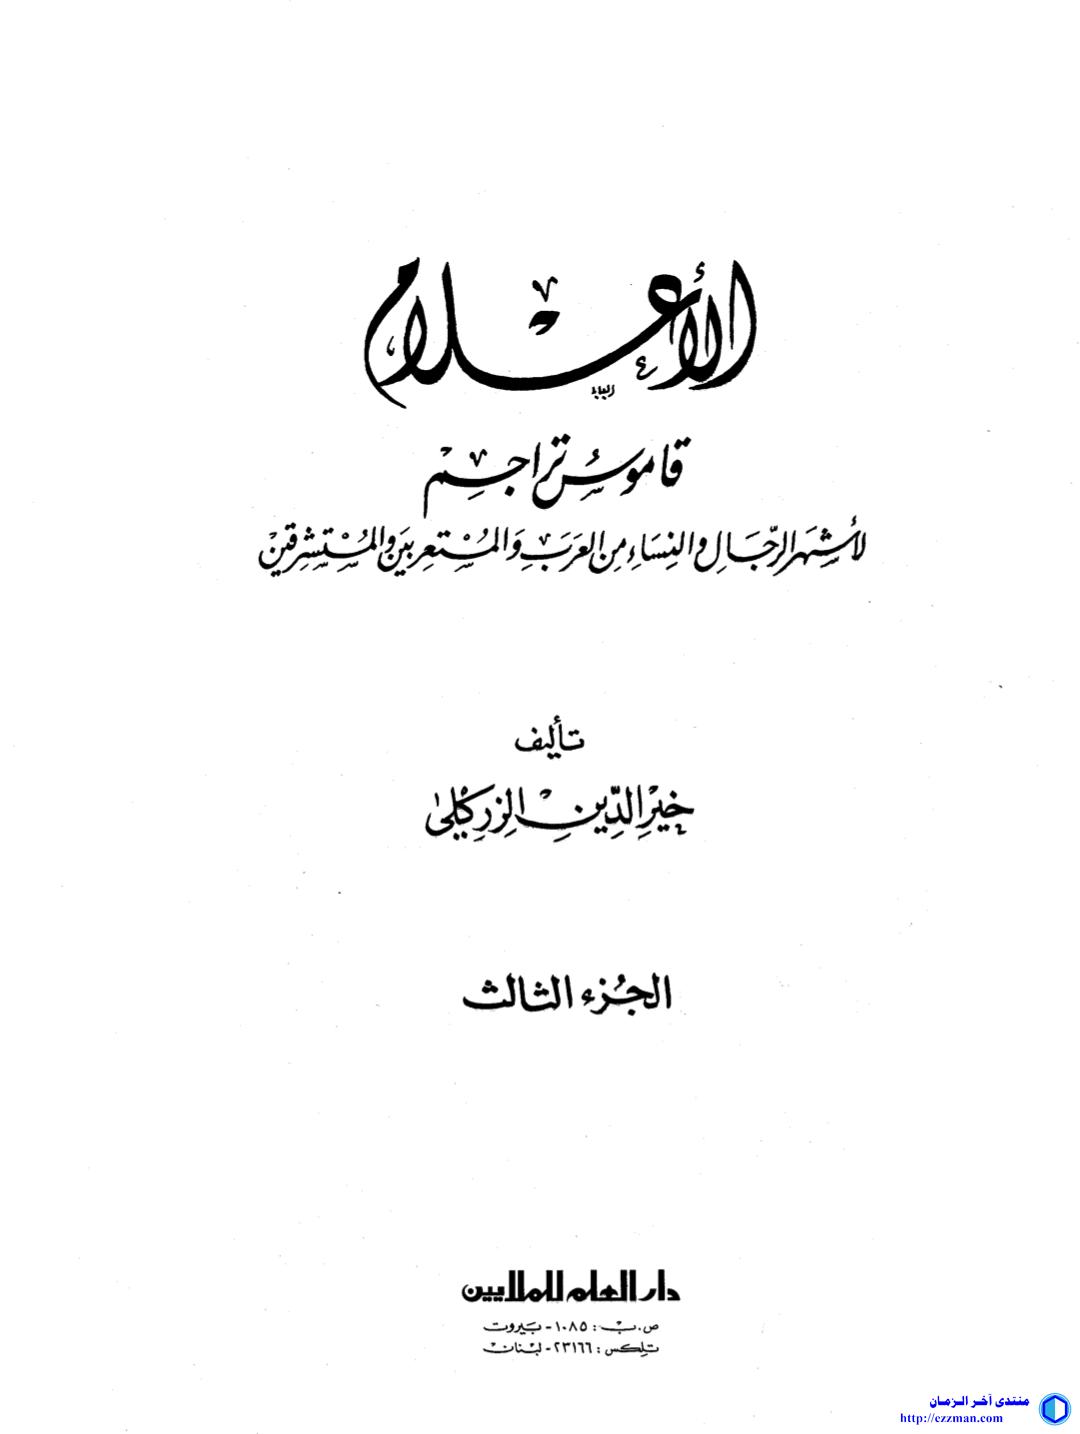 الحاج عباس حلمي الأول ينفي